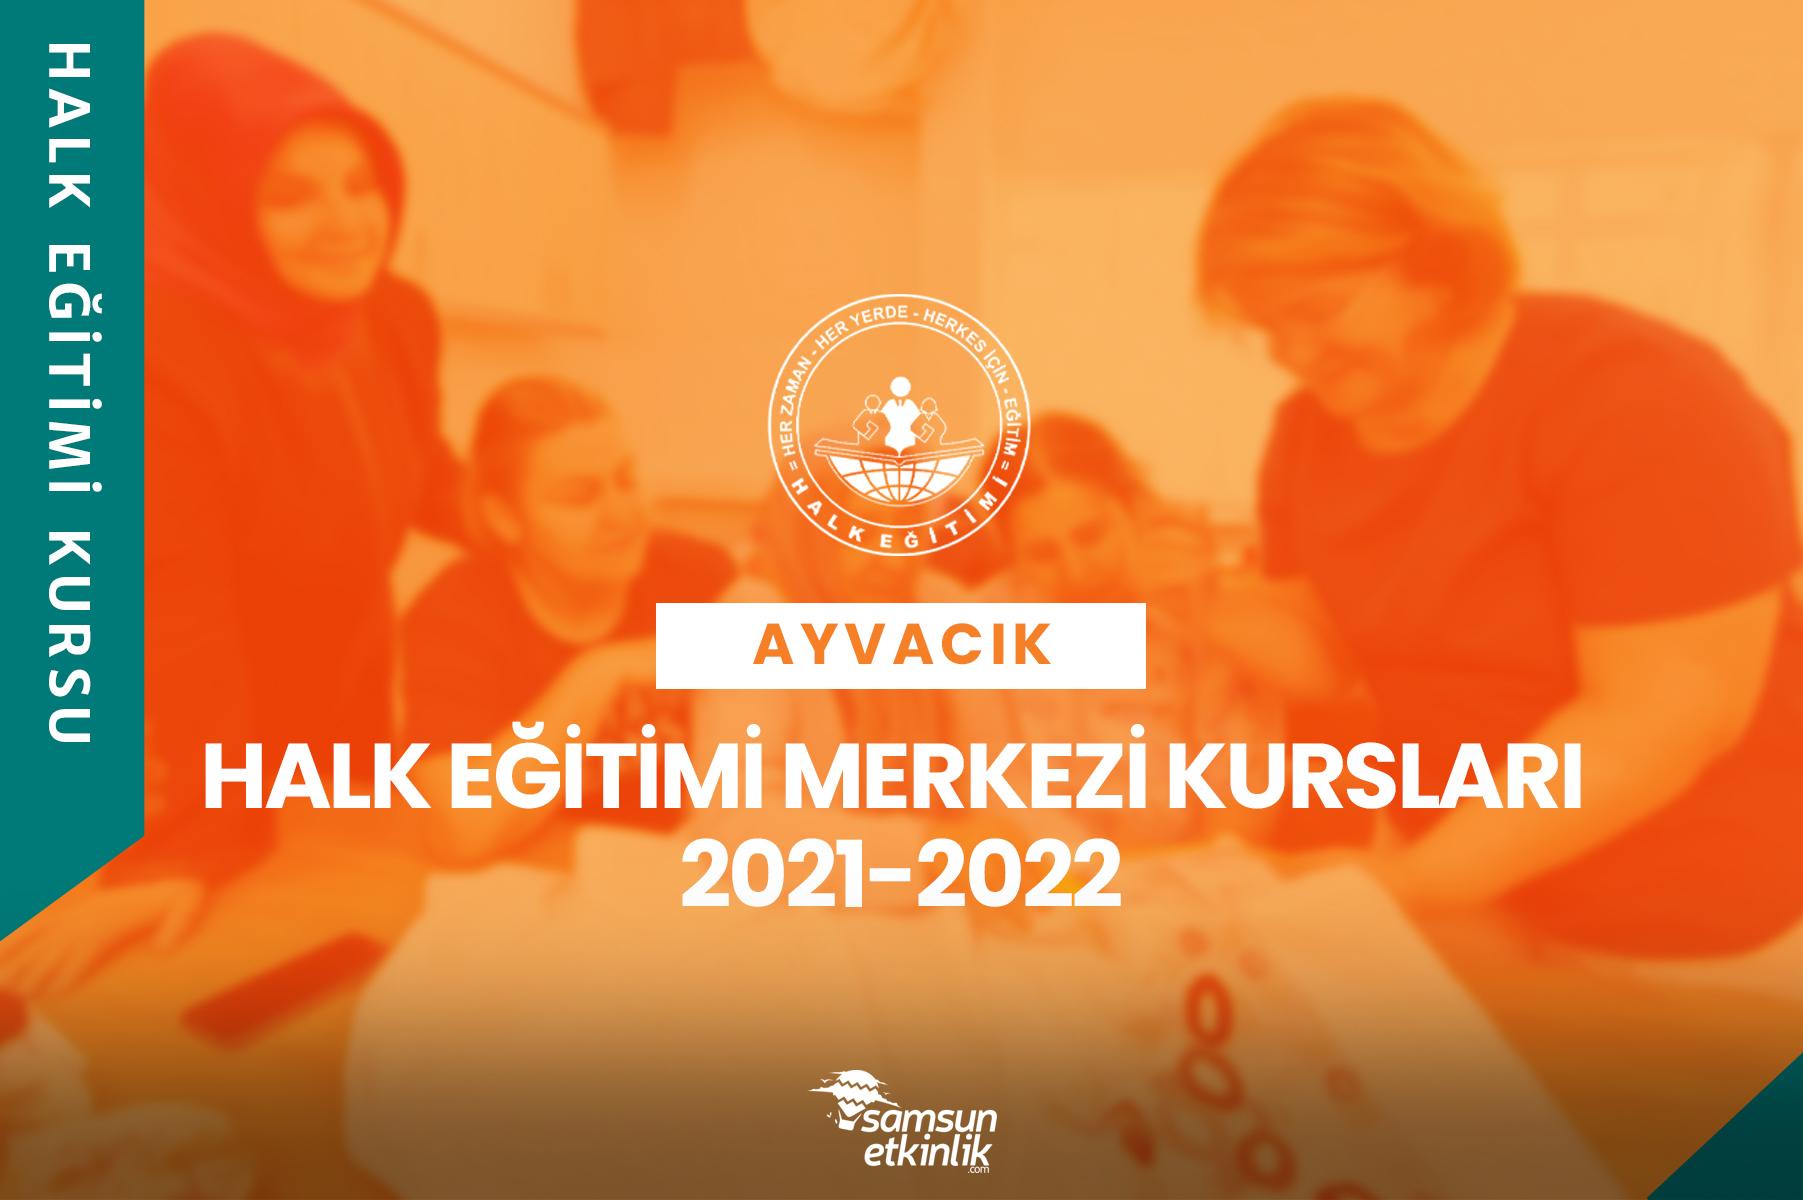 Samsun Ayvacık Halk Eğitimi Merkezi Kursları 2021-2022